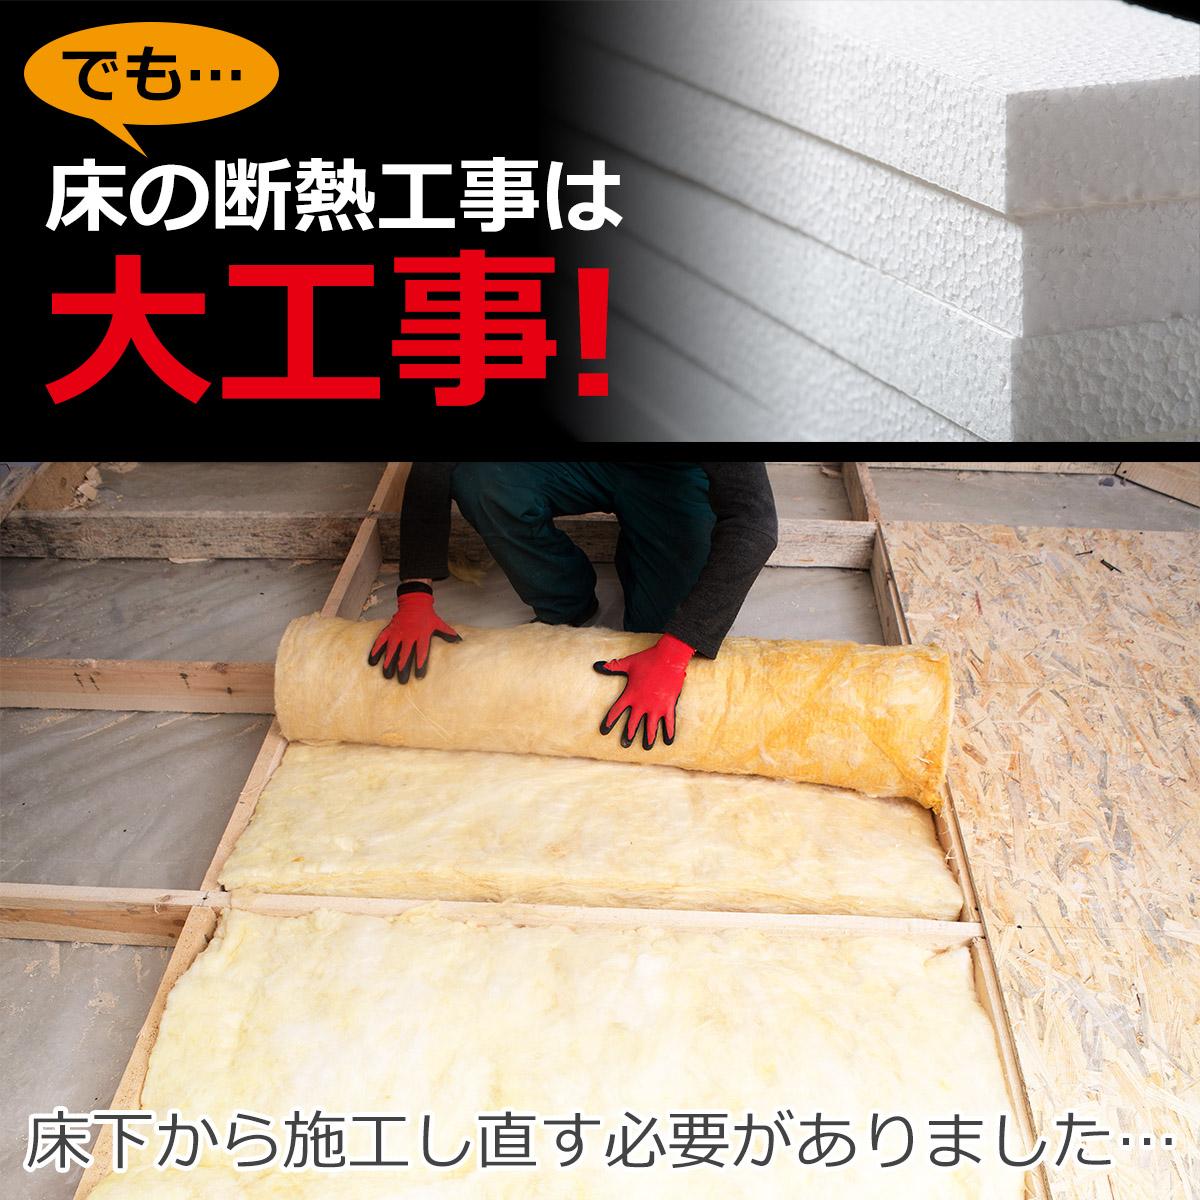 でも床の断熱工事は大工事!床下から施工し直す必要がありました…